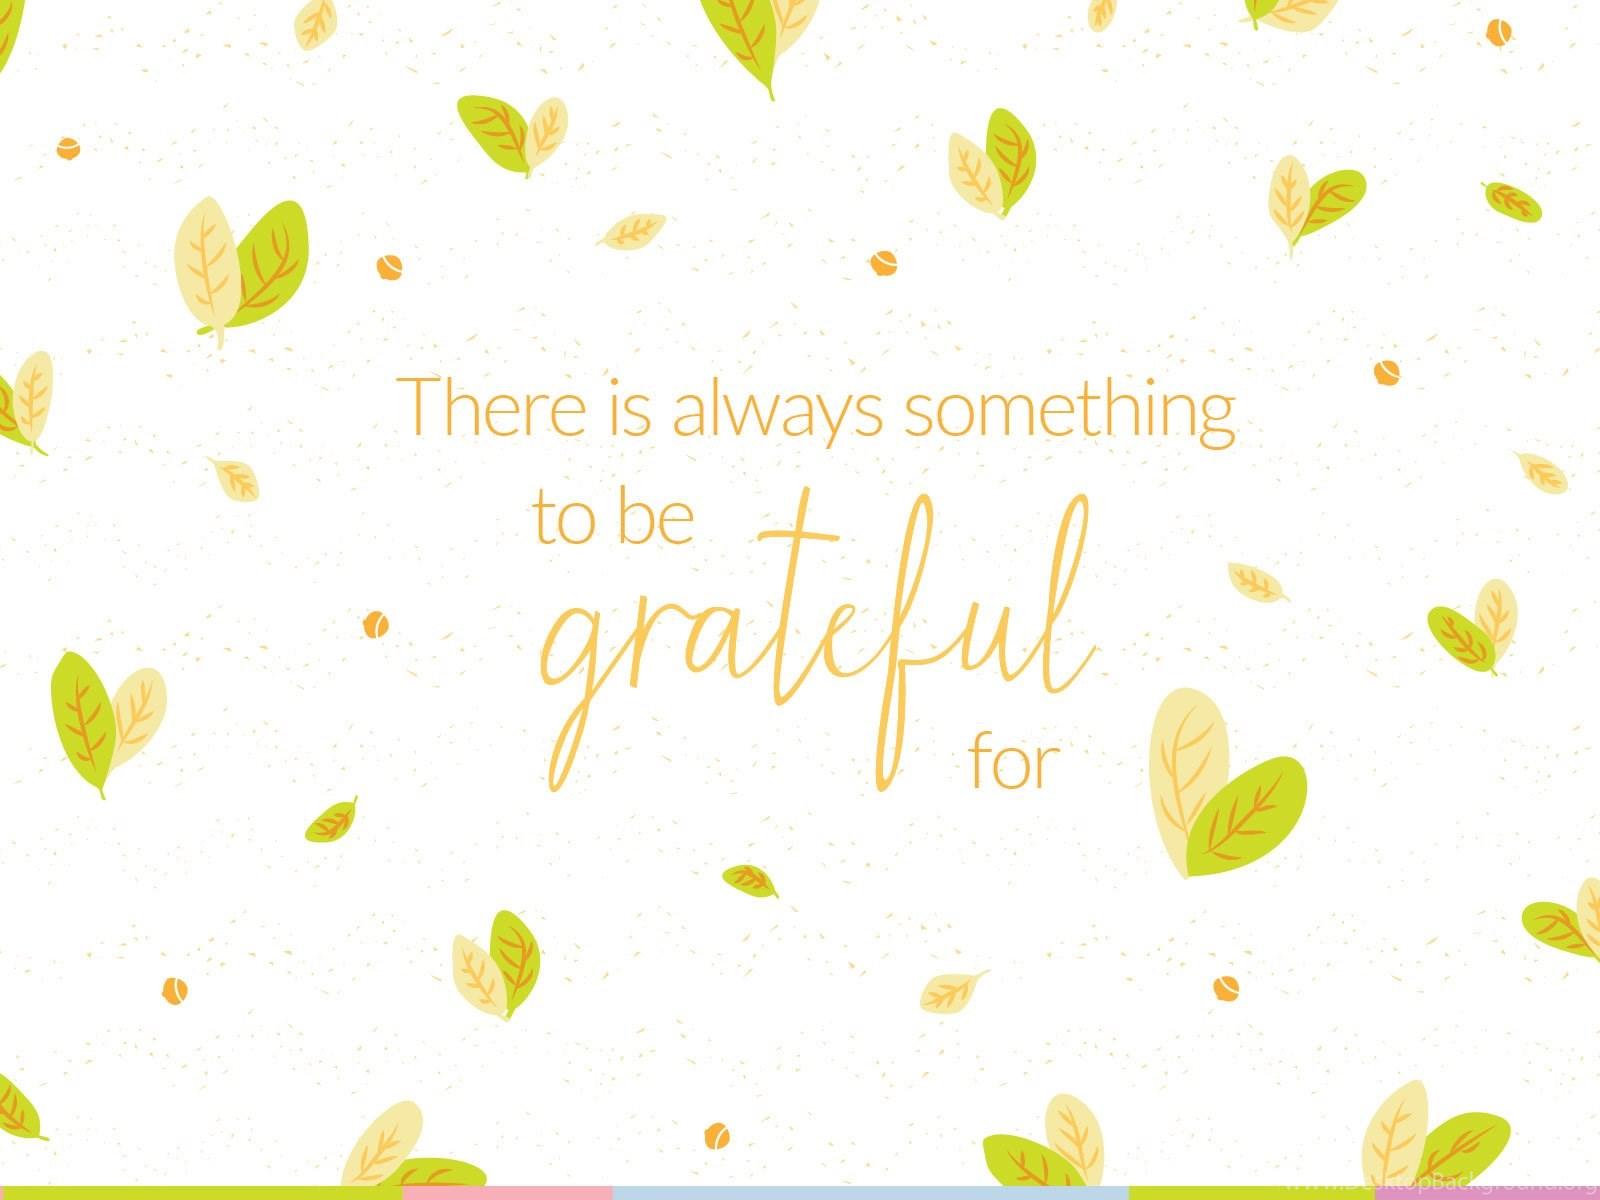 Free Gratitude Wallpapers Desktop Background